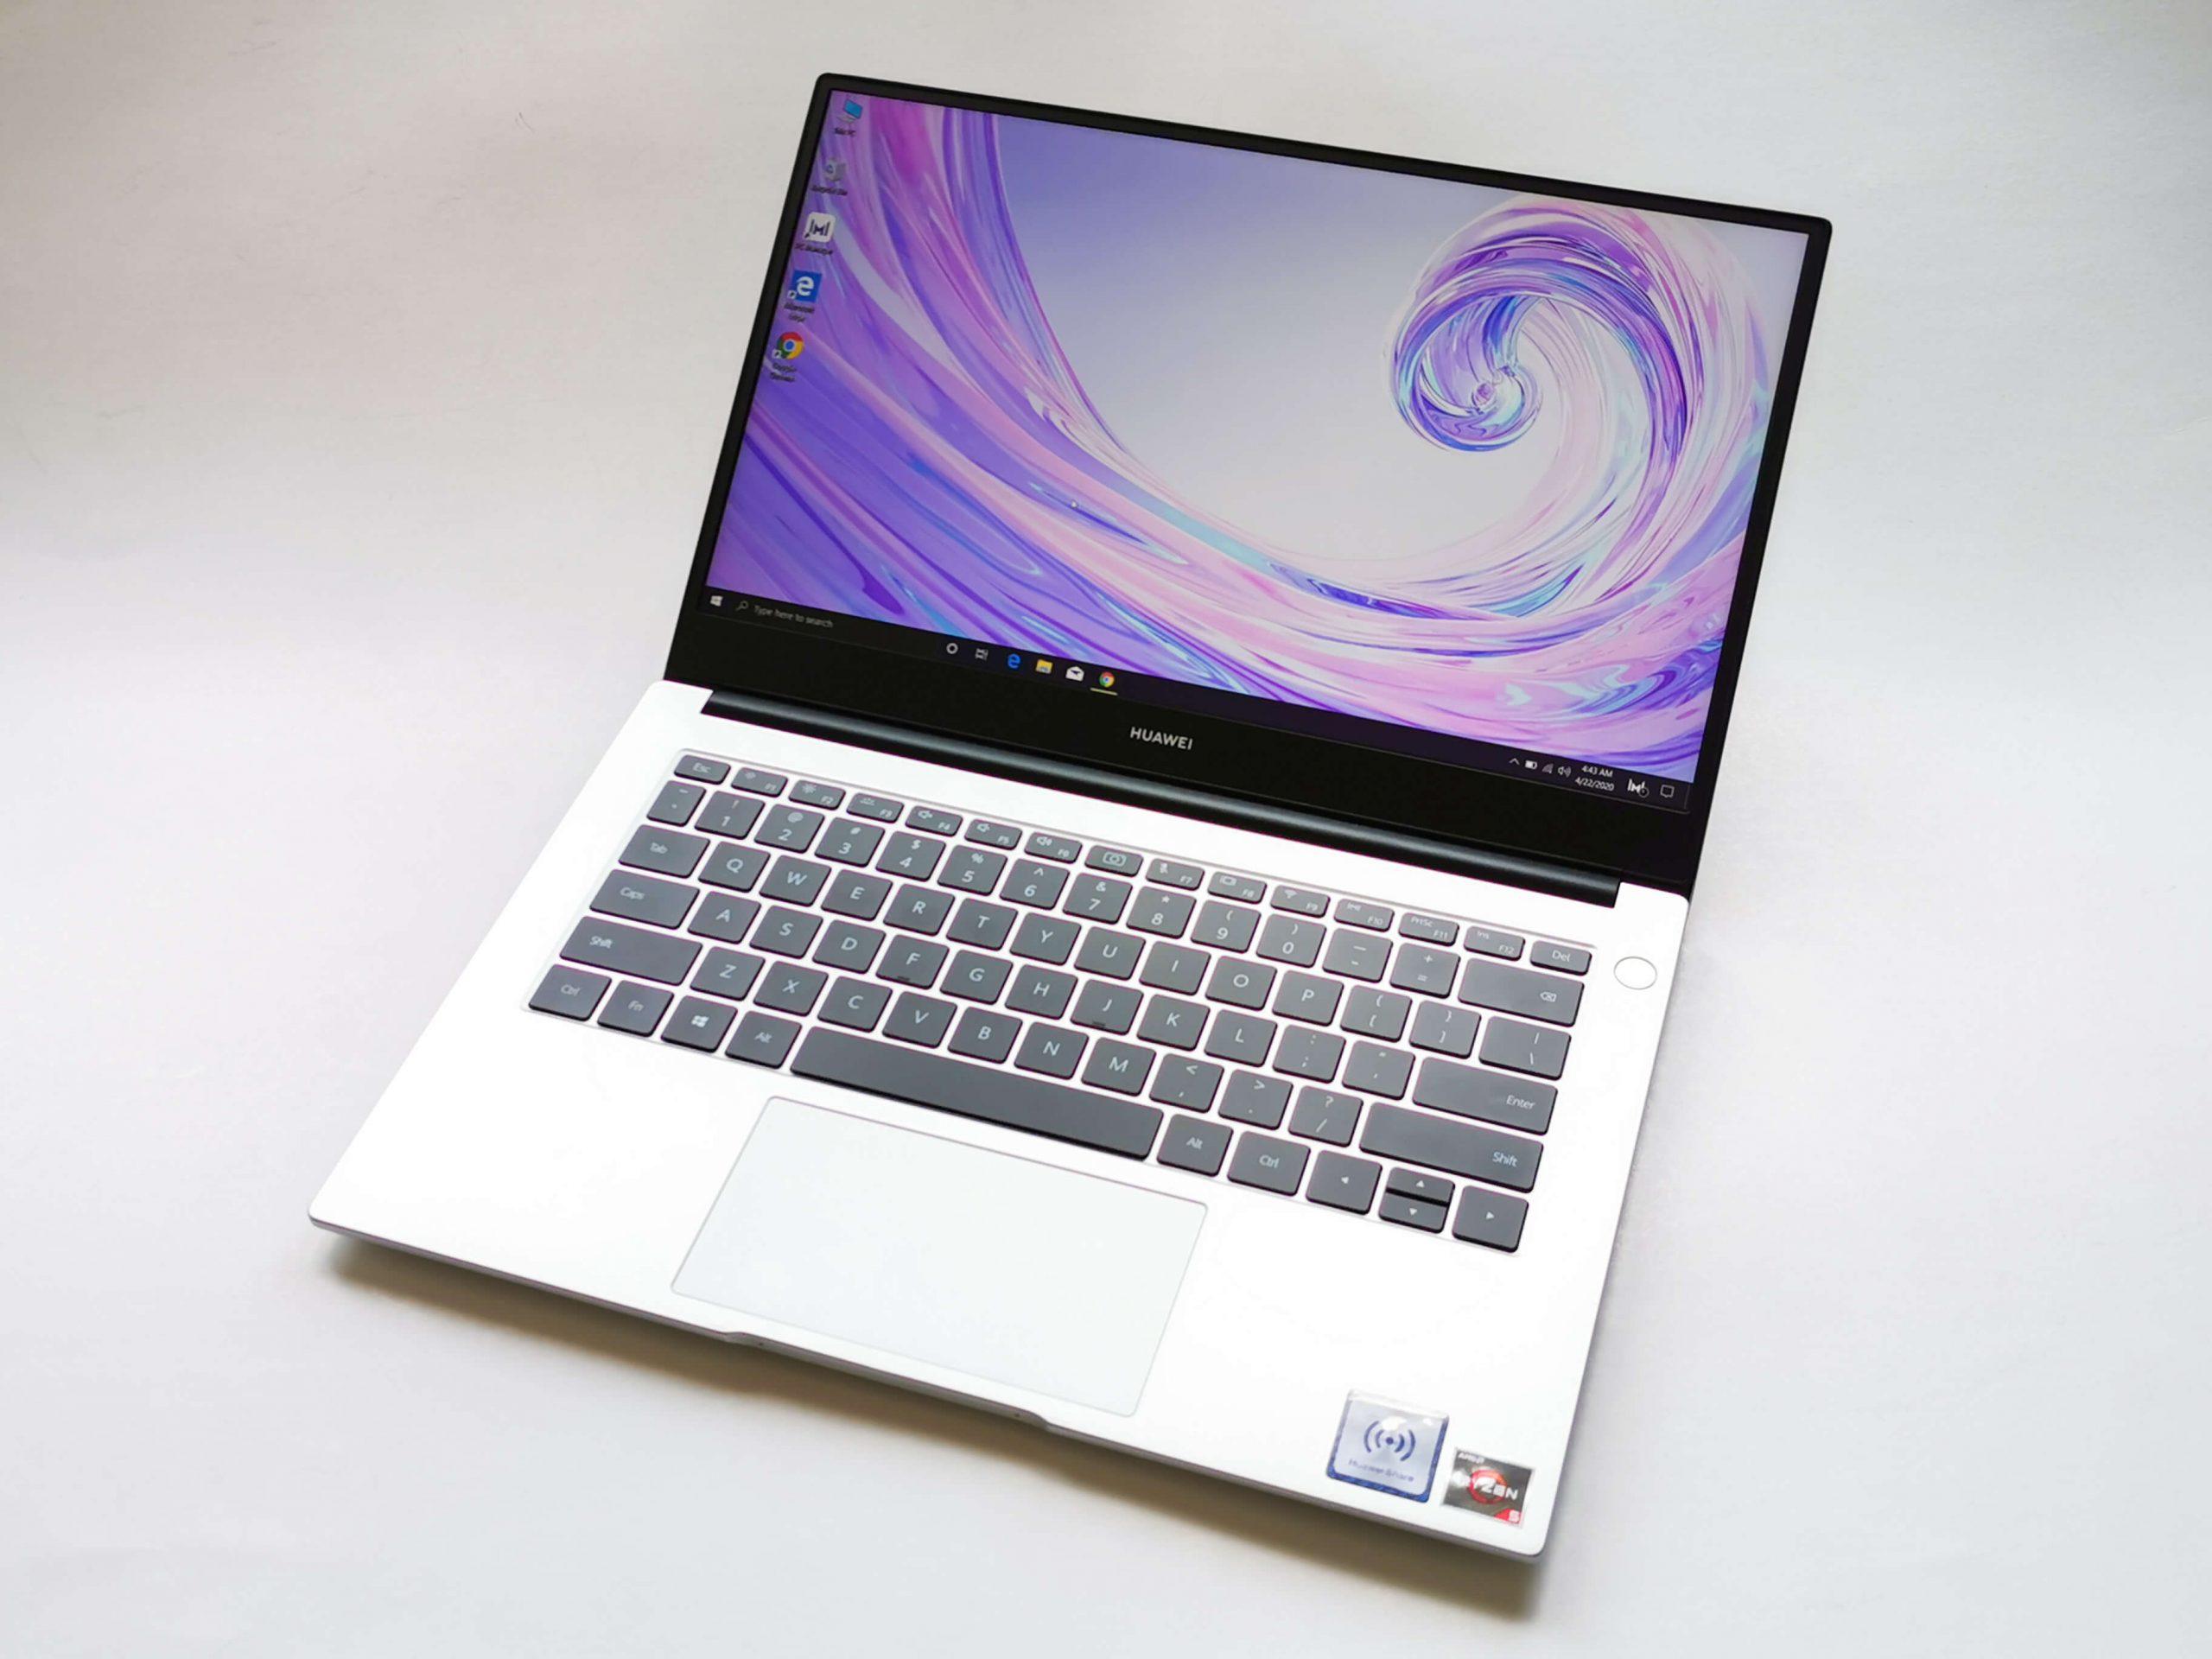 Cum itipoate creste productivitatea un laptop de zi cu zi - Huawei MateBook D14